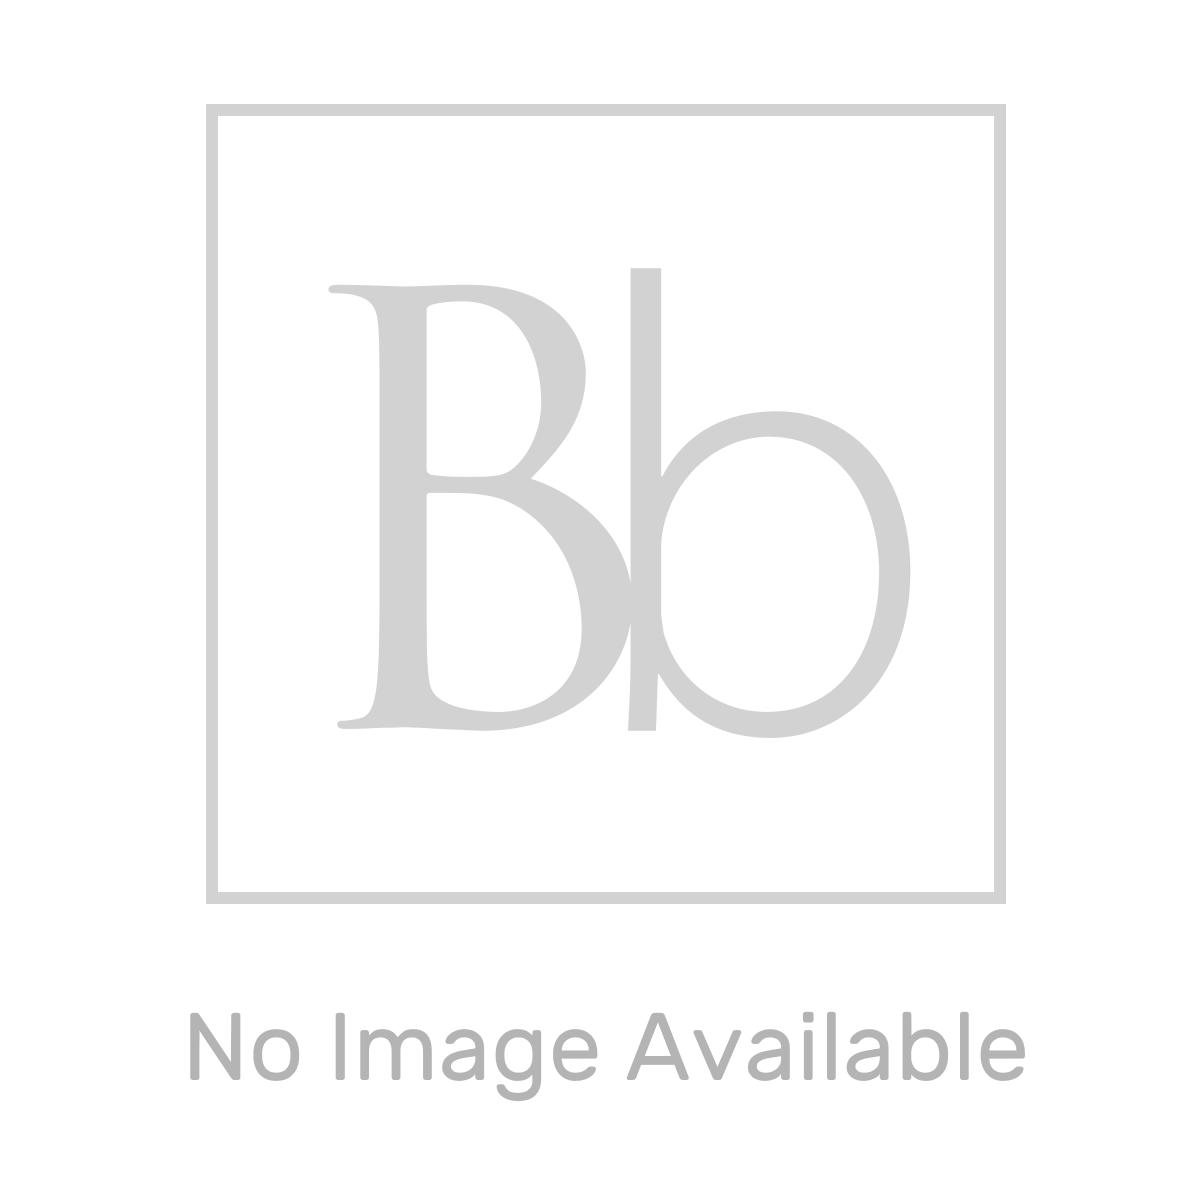 Zenith Rio Bath Filler Tap